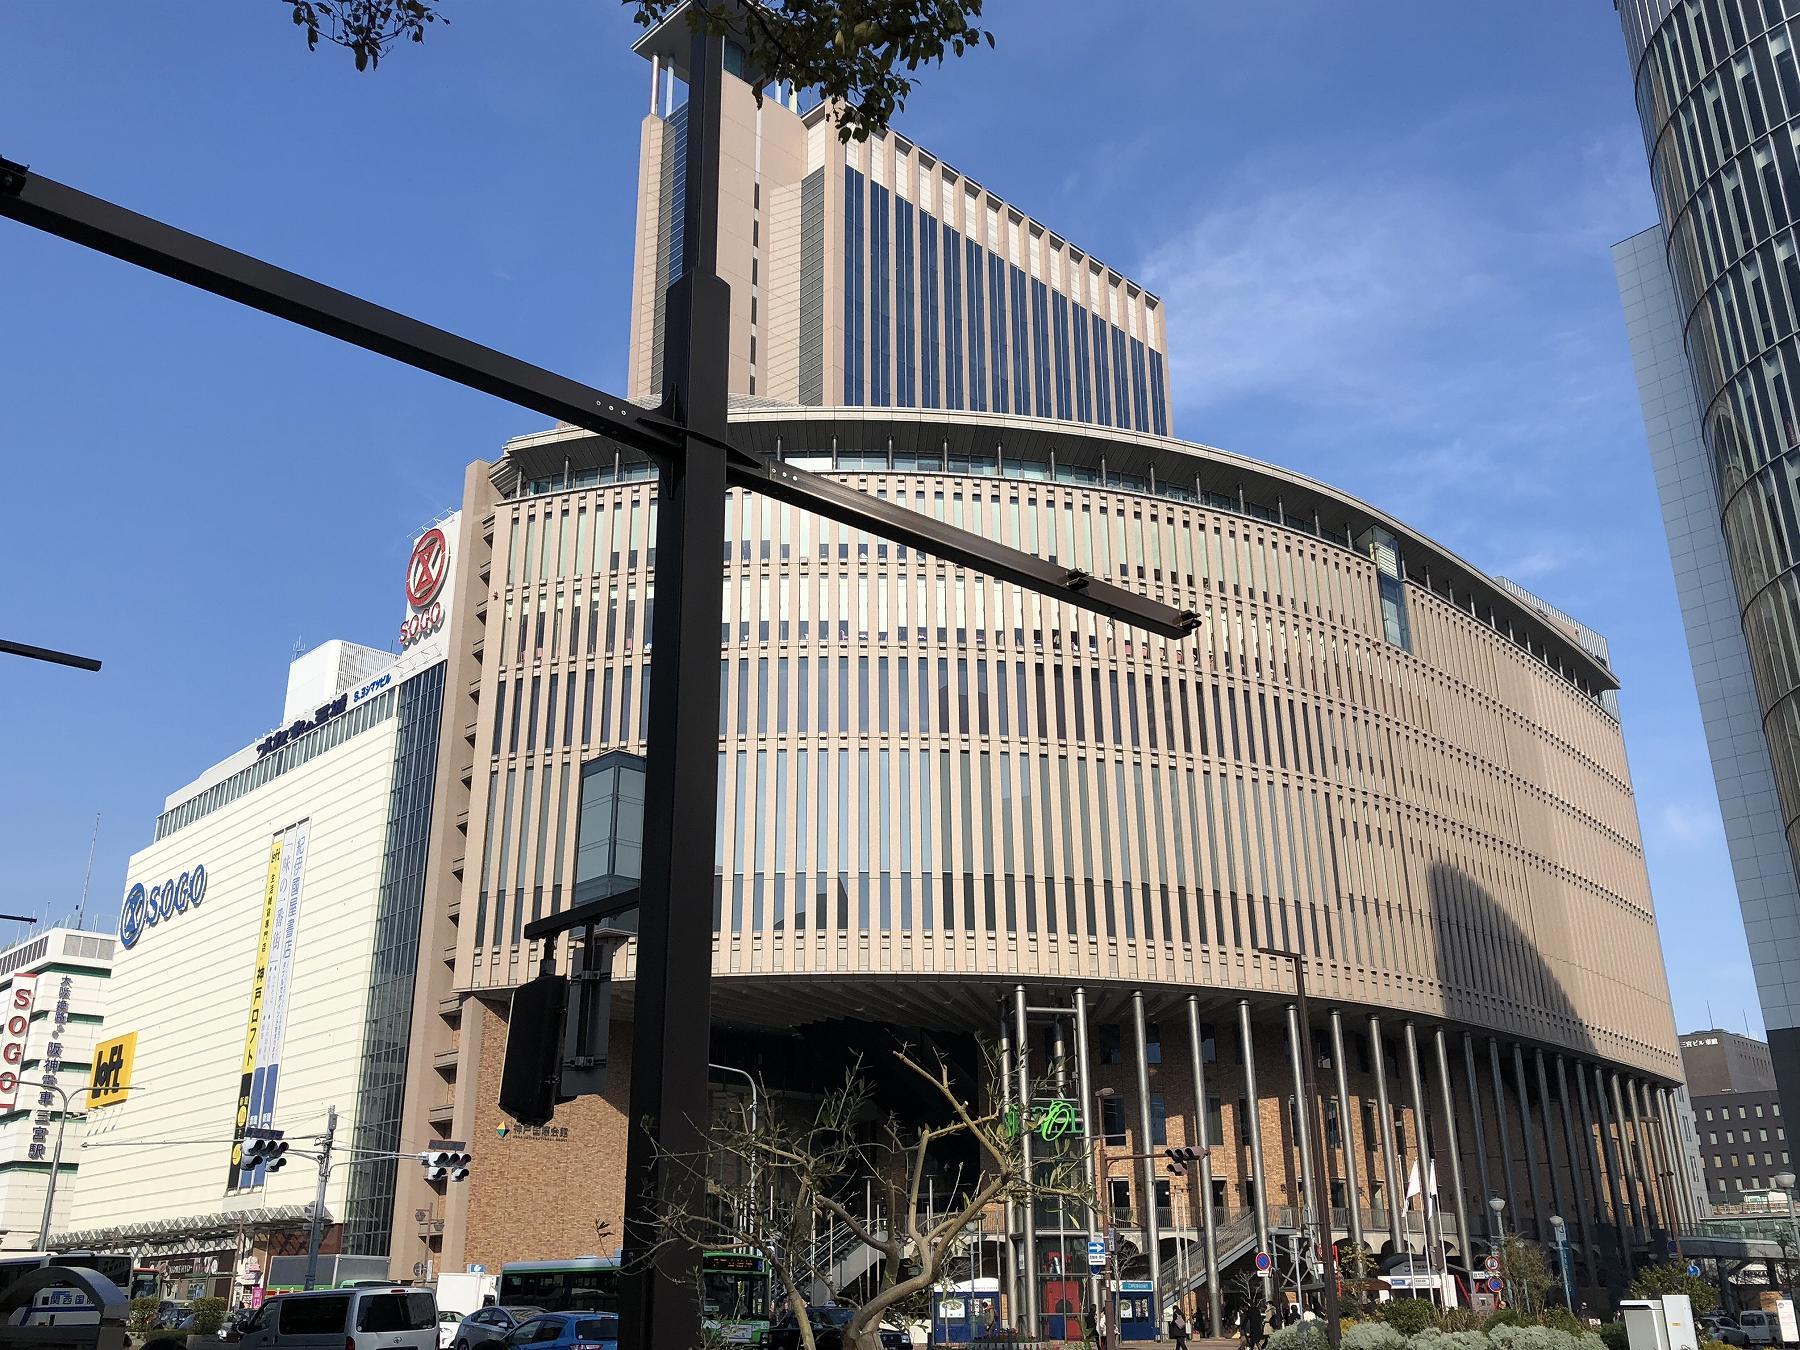 神戸国際会館11階にある屋上庭園「そらガーデン」でリフレッシュしてきた! #そらガーデン #プラントハンター #西畠清順 #神戸国際会館